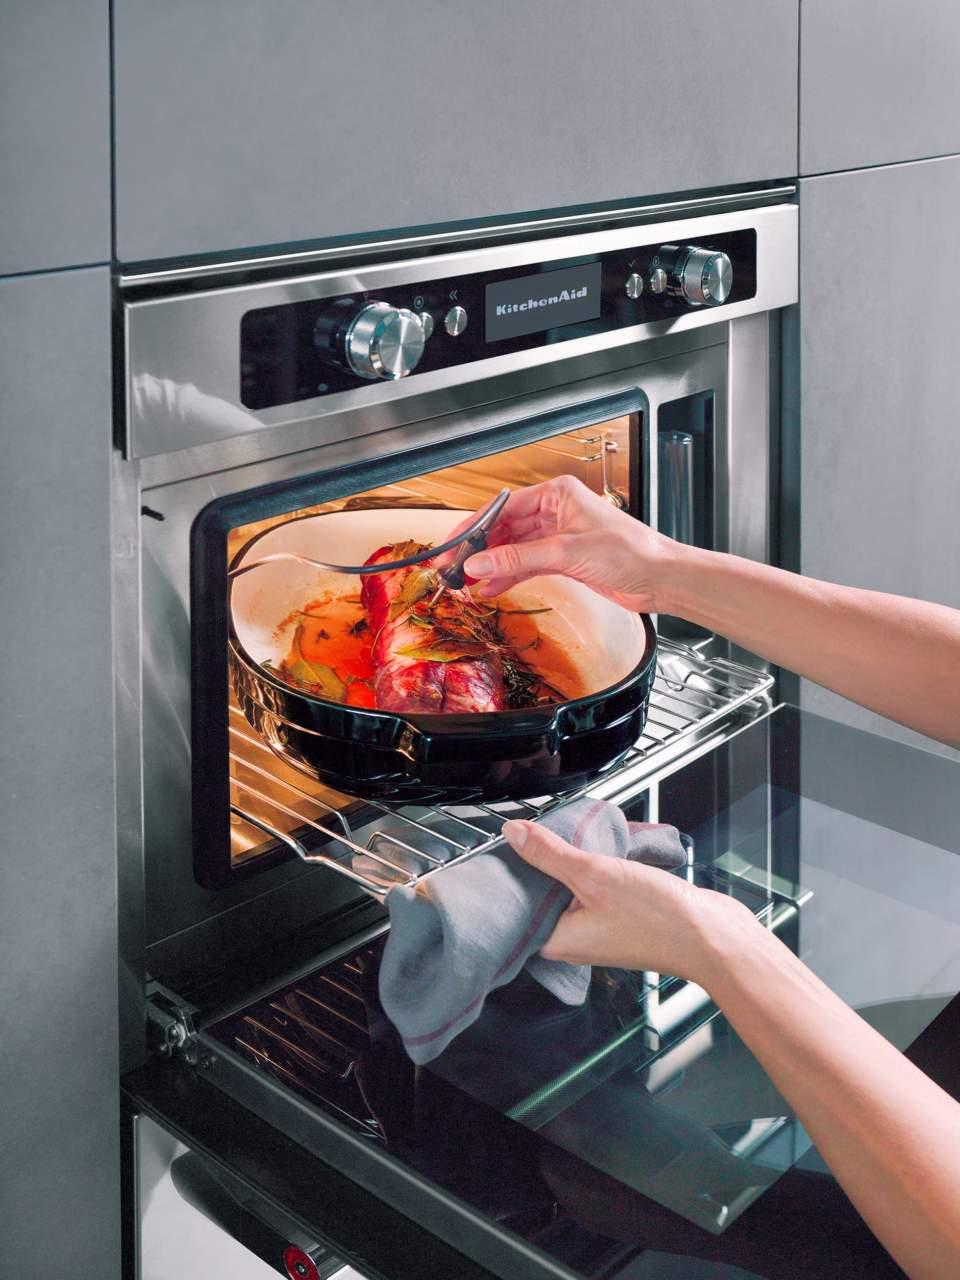 Forni KitchenAid, un mondo di possibilità in cucina | Ambiente Cucina